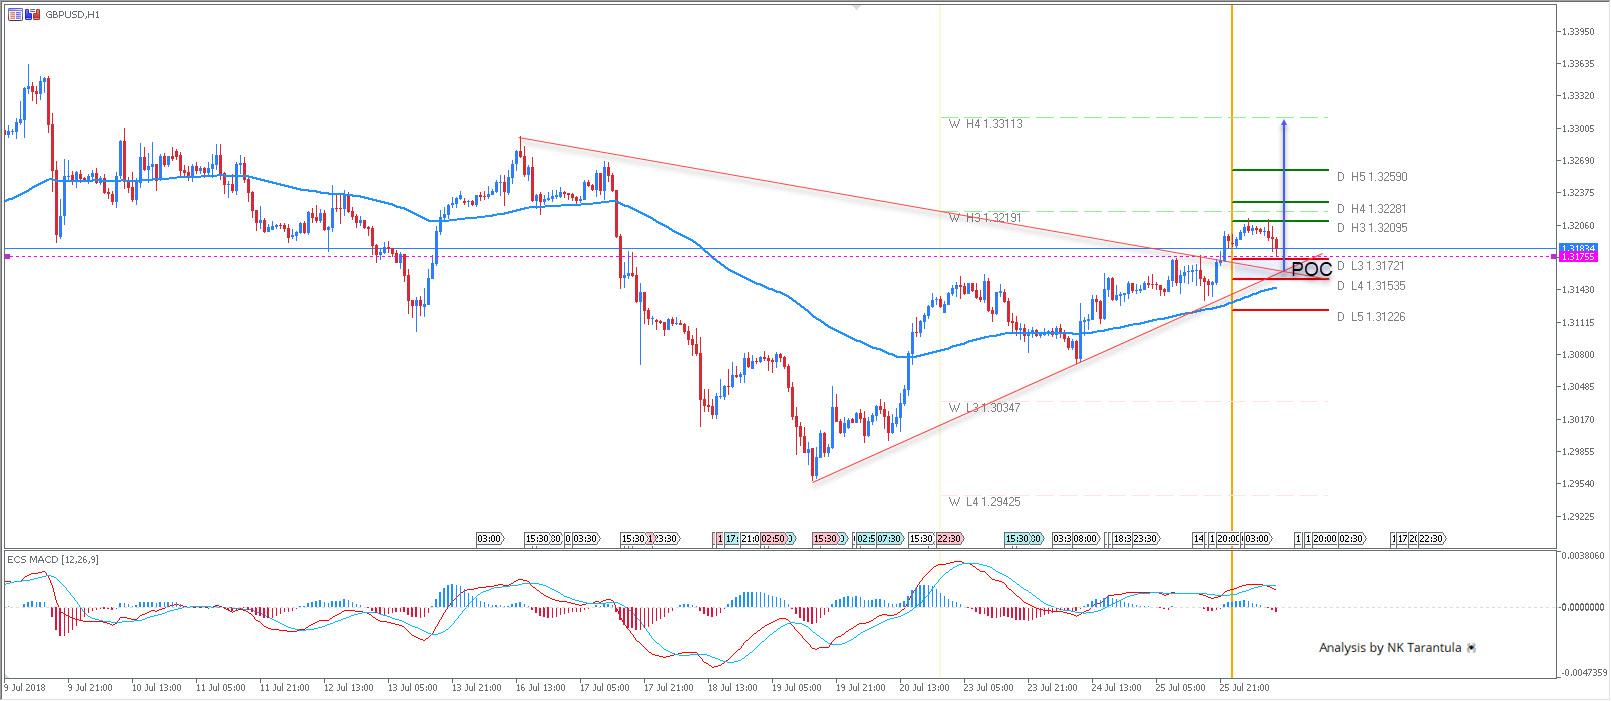 GBP/USD Ascending Trend Line Breakout